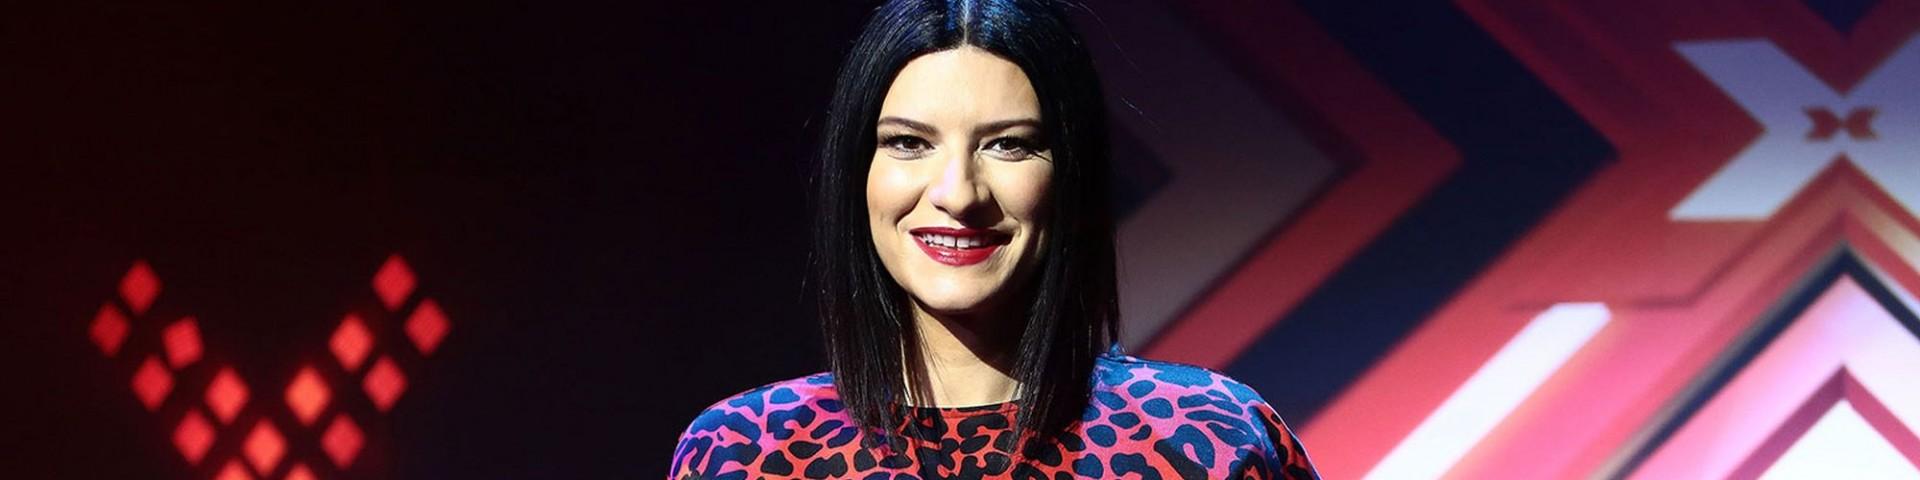 #seiconnoi: da Alessandra Amoroso a Laura Pausini, l'appello del mondo dello spettacolo